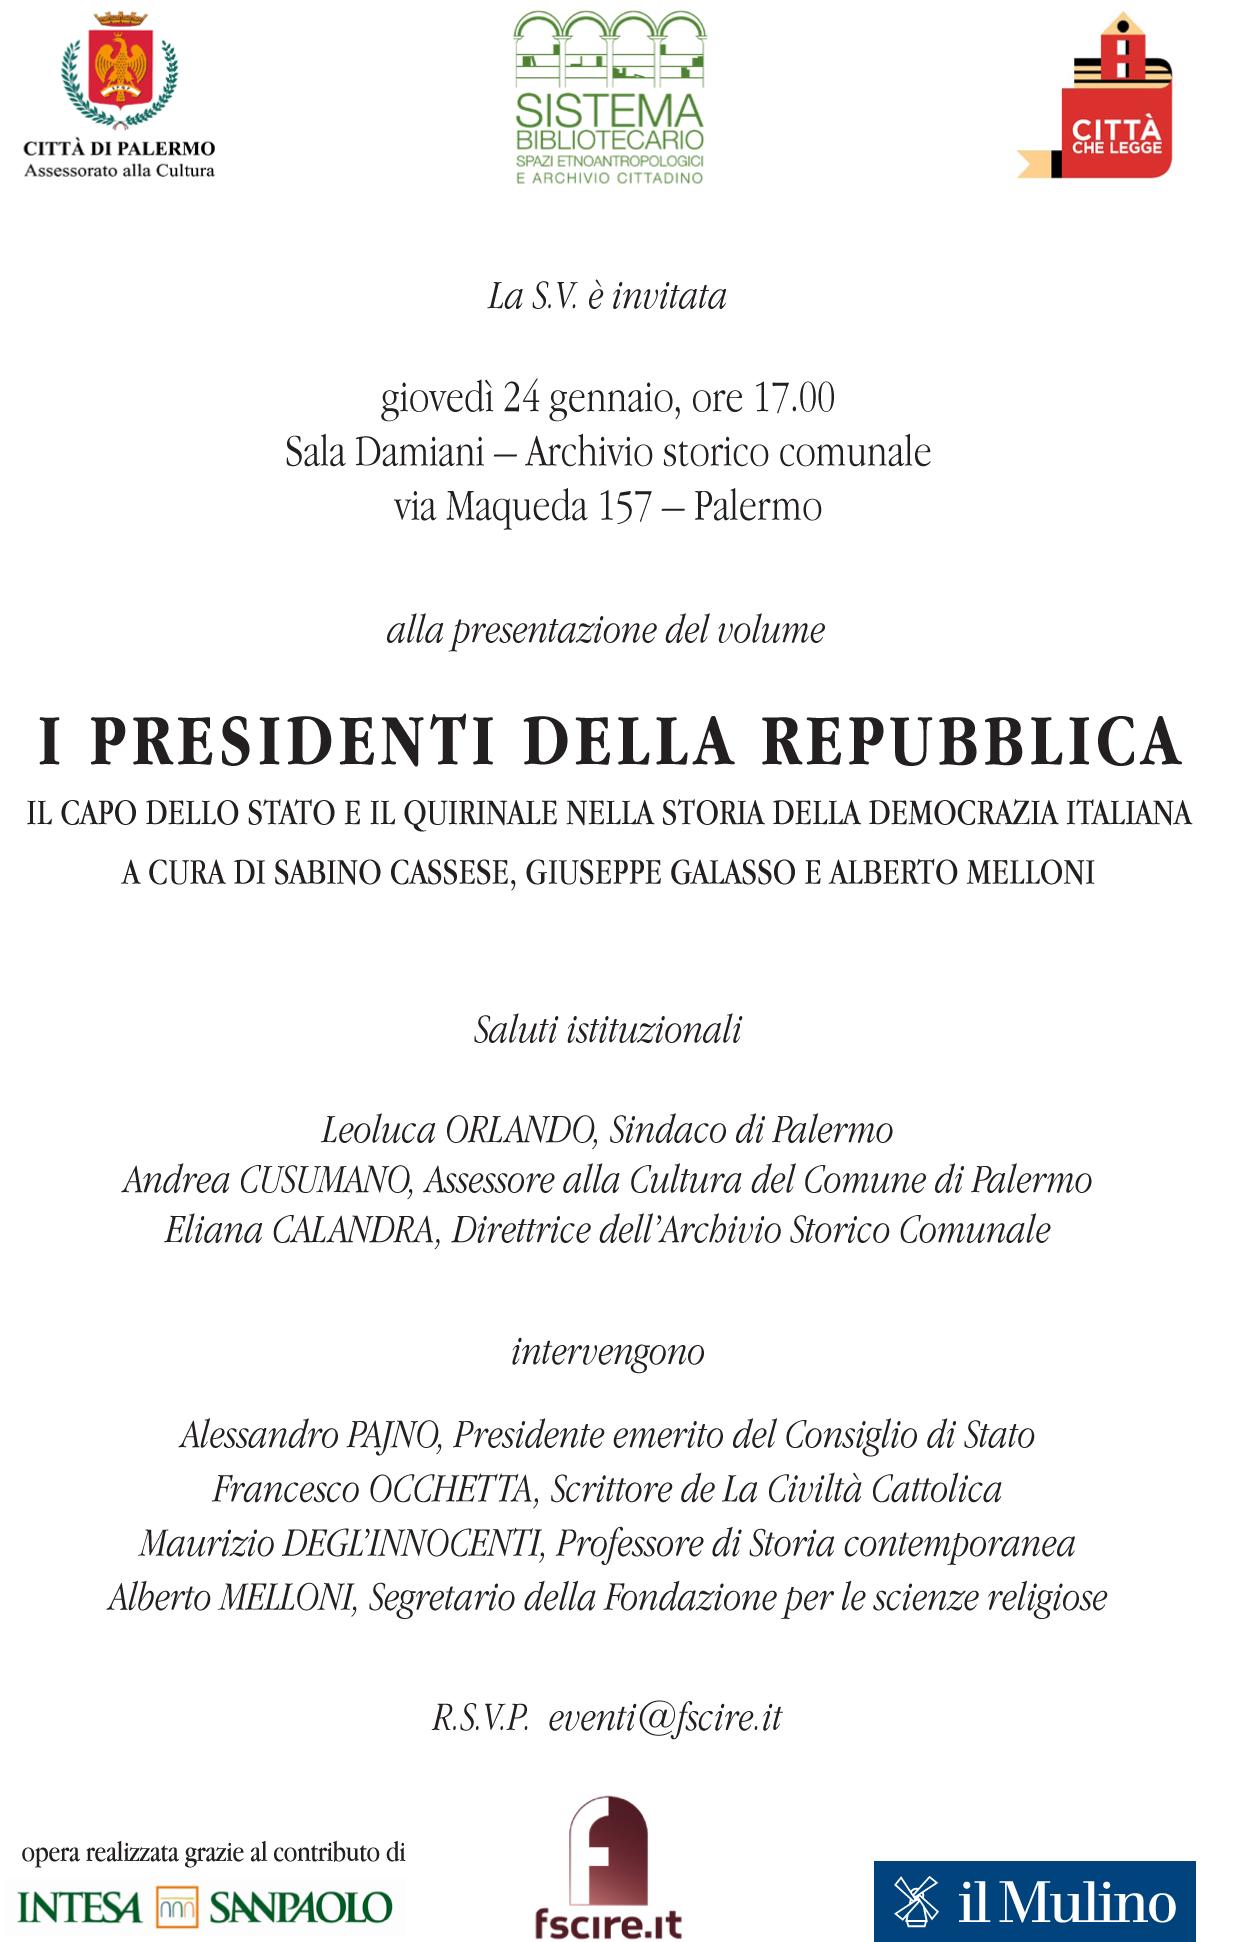 Palermo_Invito_24012019